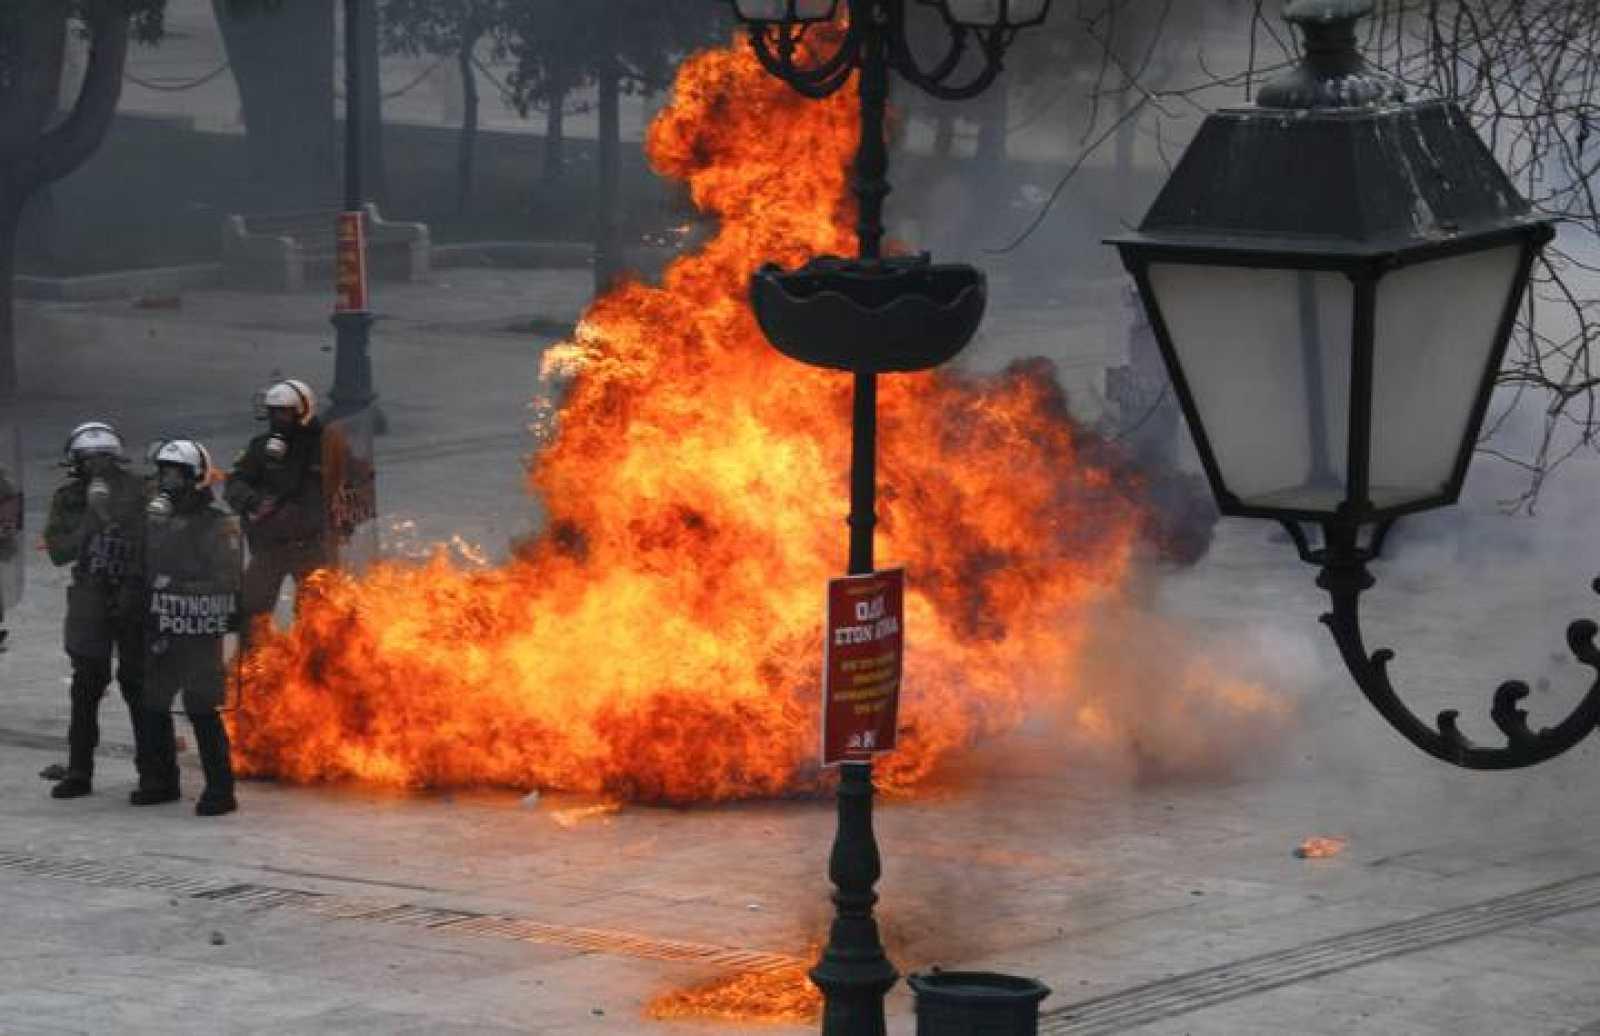 Un cóctel molotov explota cerca de la Policía en frente del Parlamento